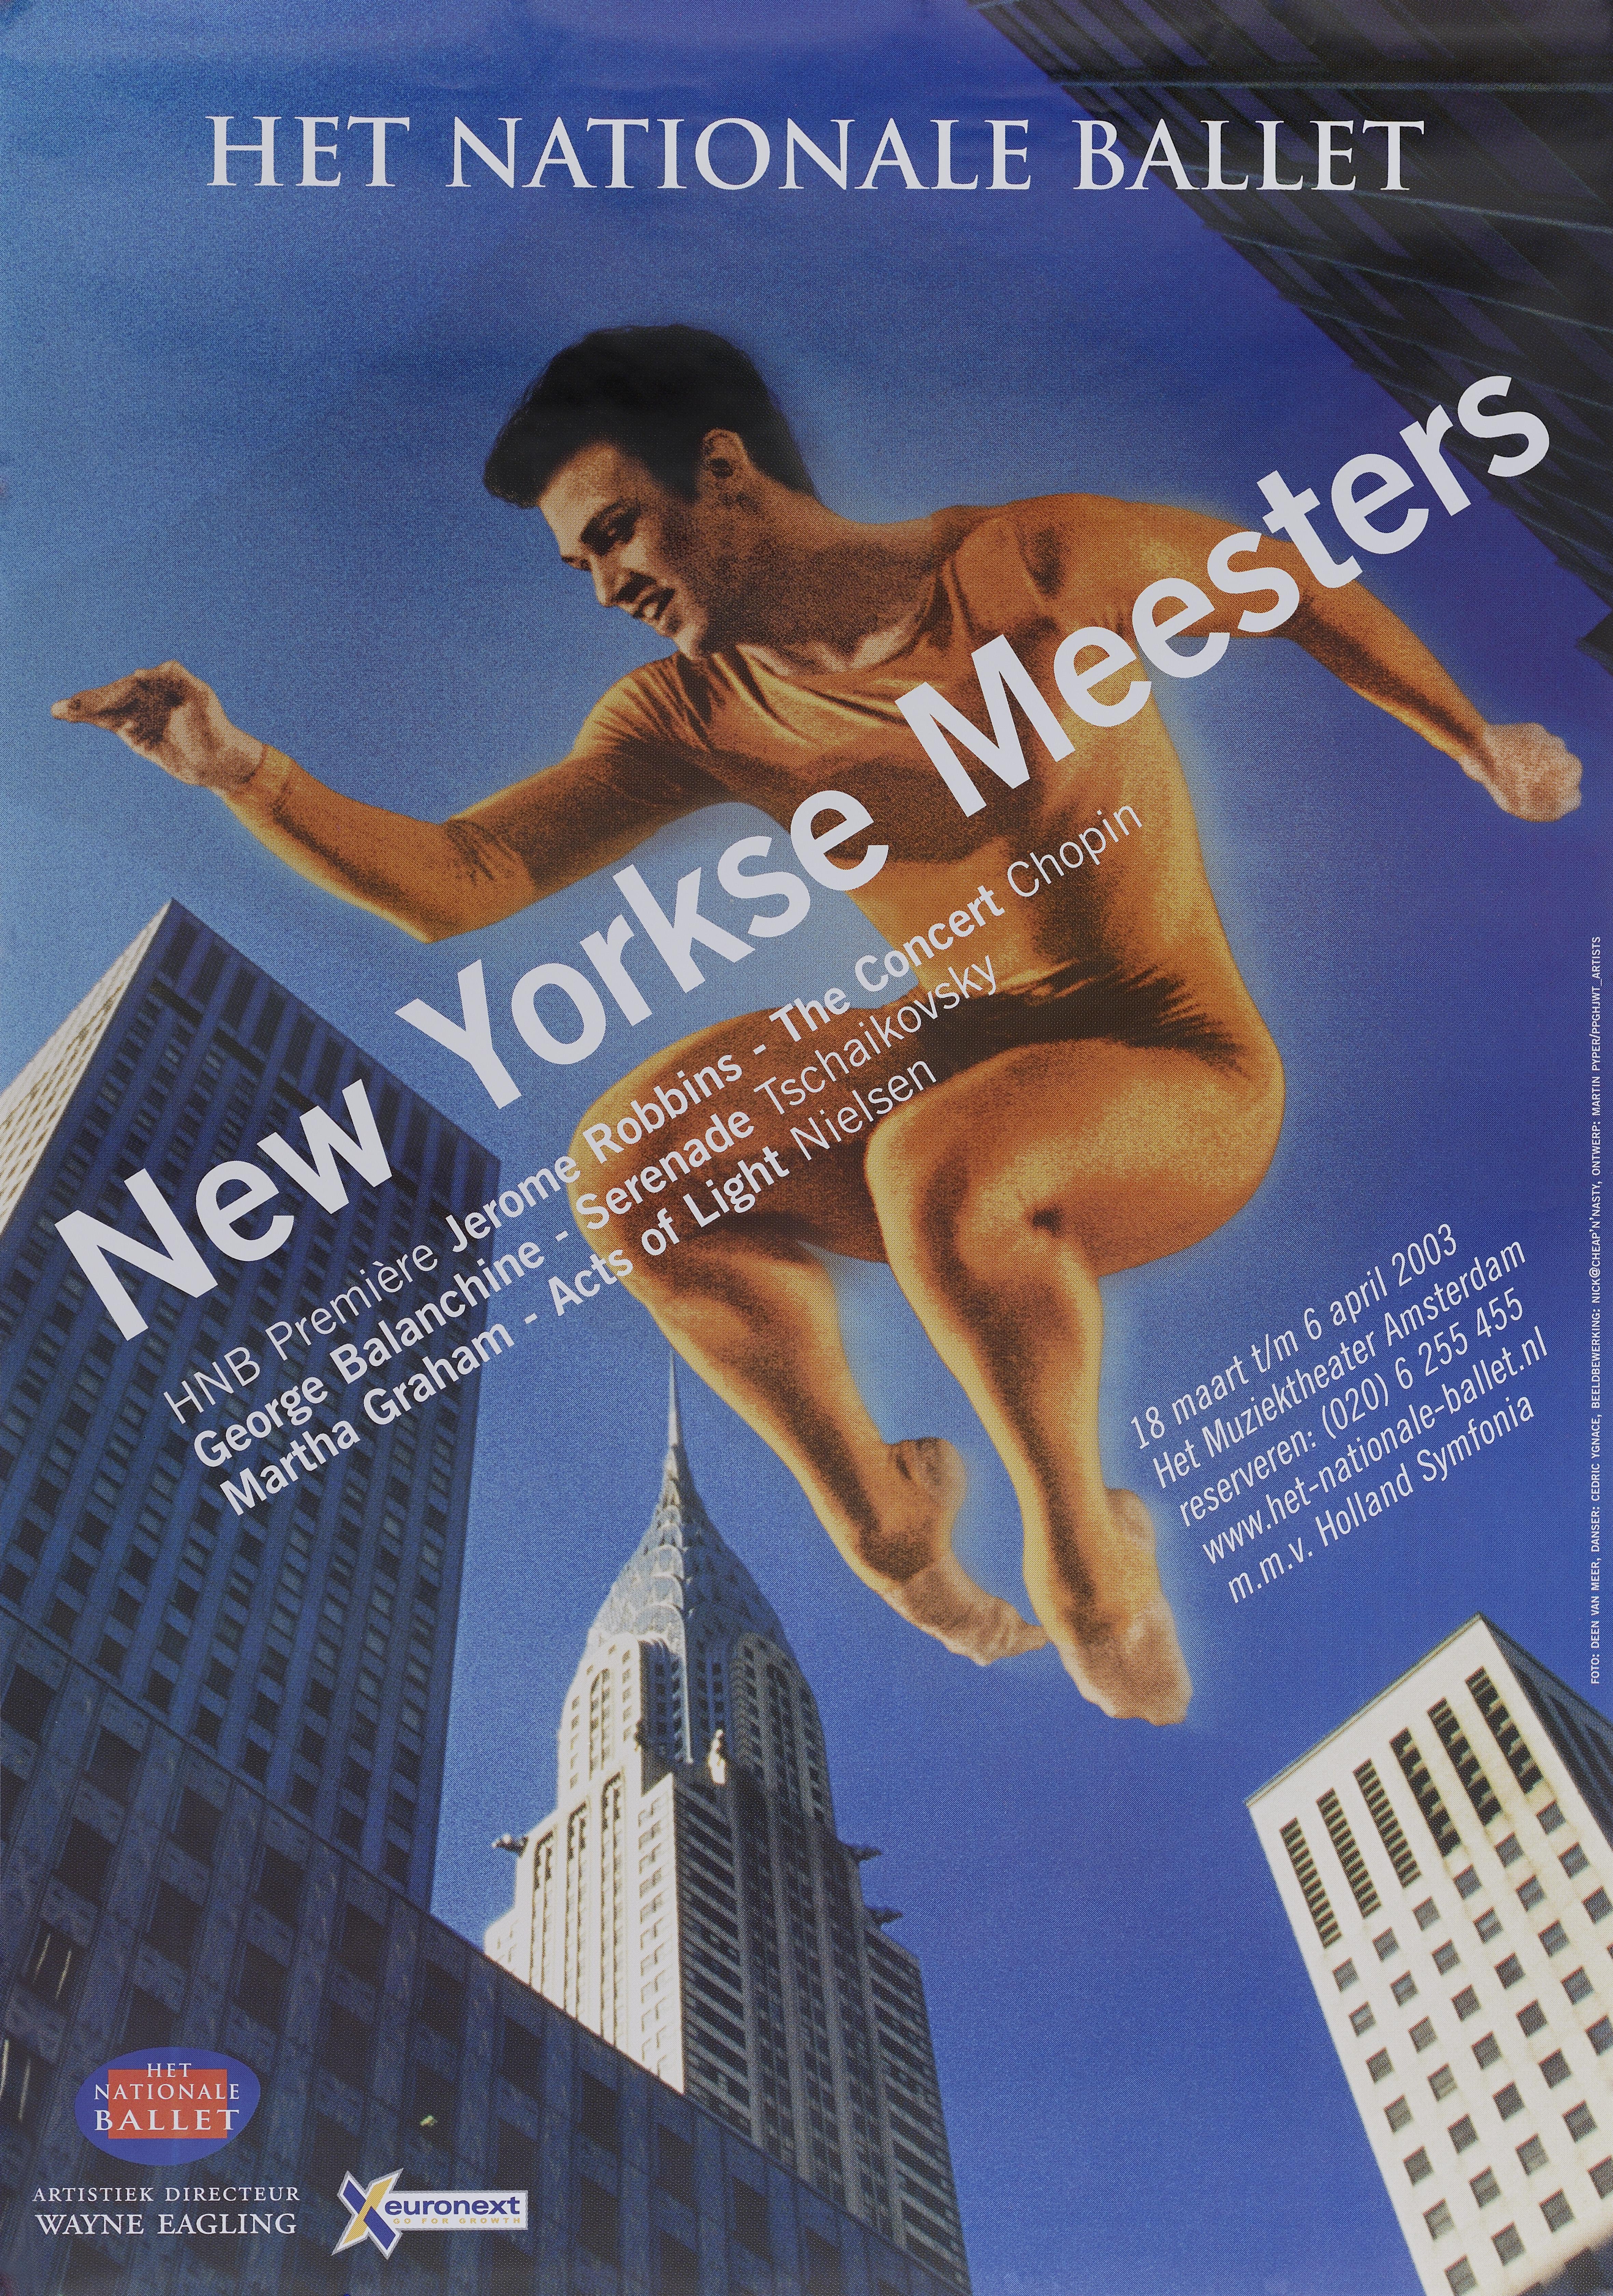 Affiche - Het Nationale Ballet - New Yorkse Meesters